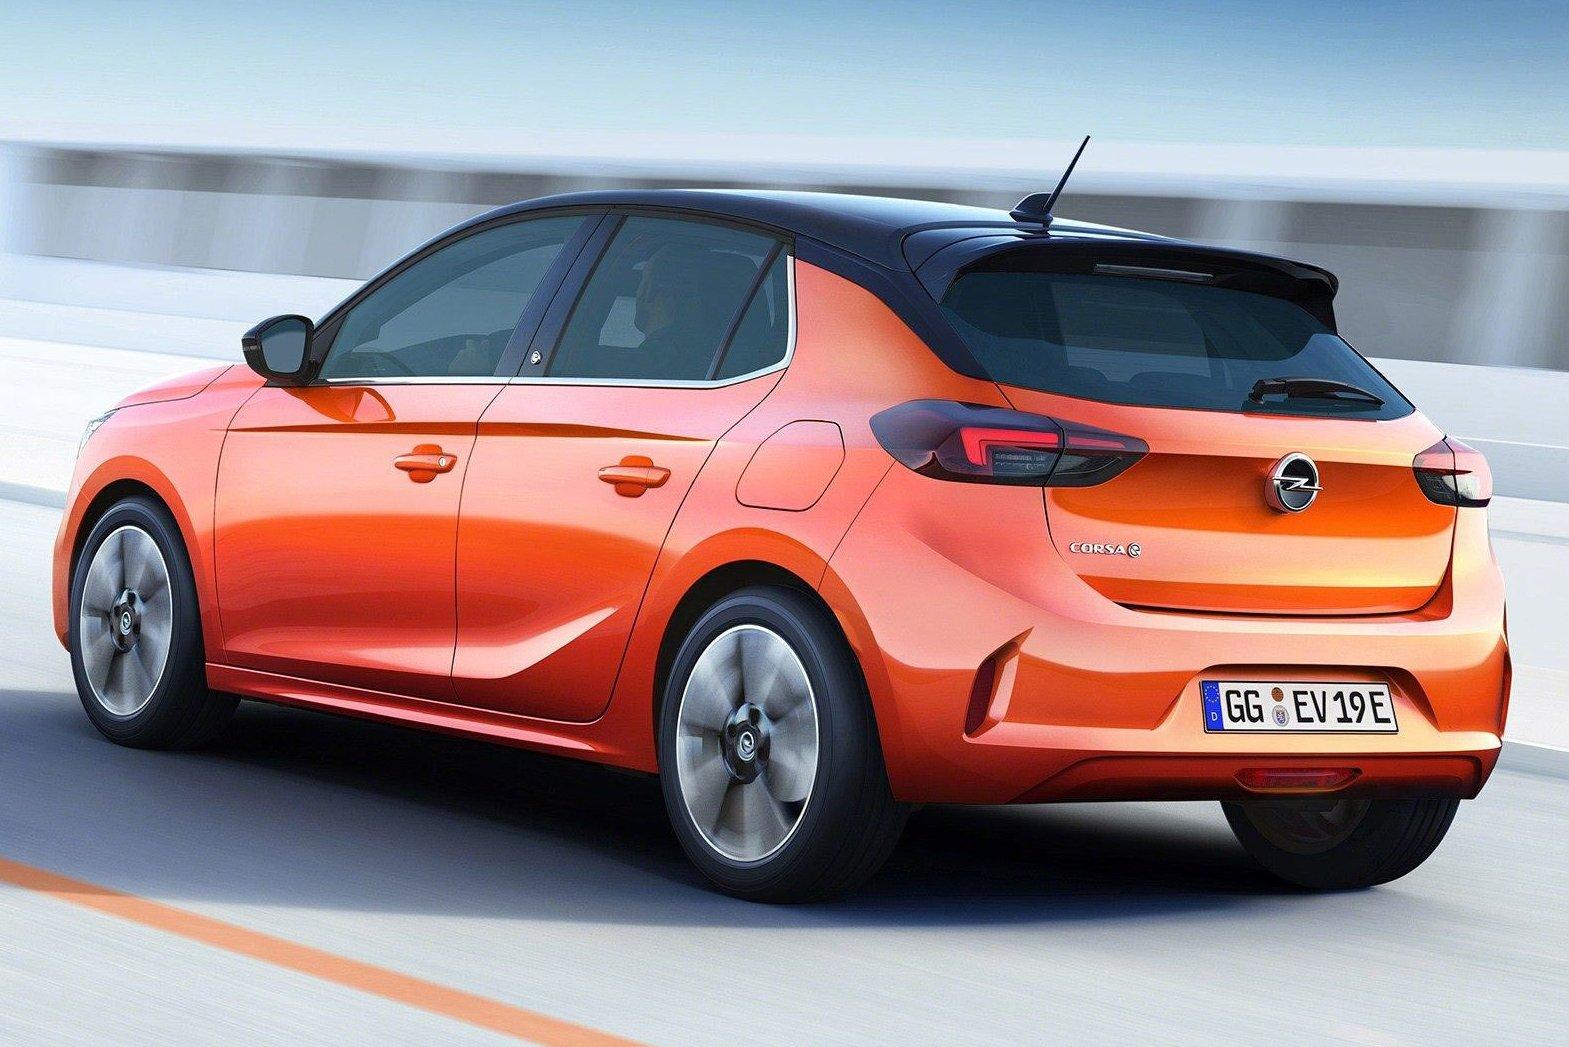 Este E O Novo Opel Corsa Agora Com Plataforma Do Peugeot 208 Quatro Rodas